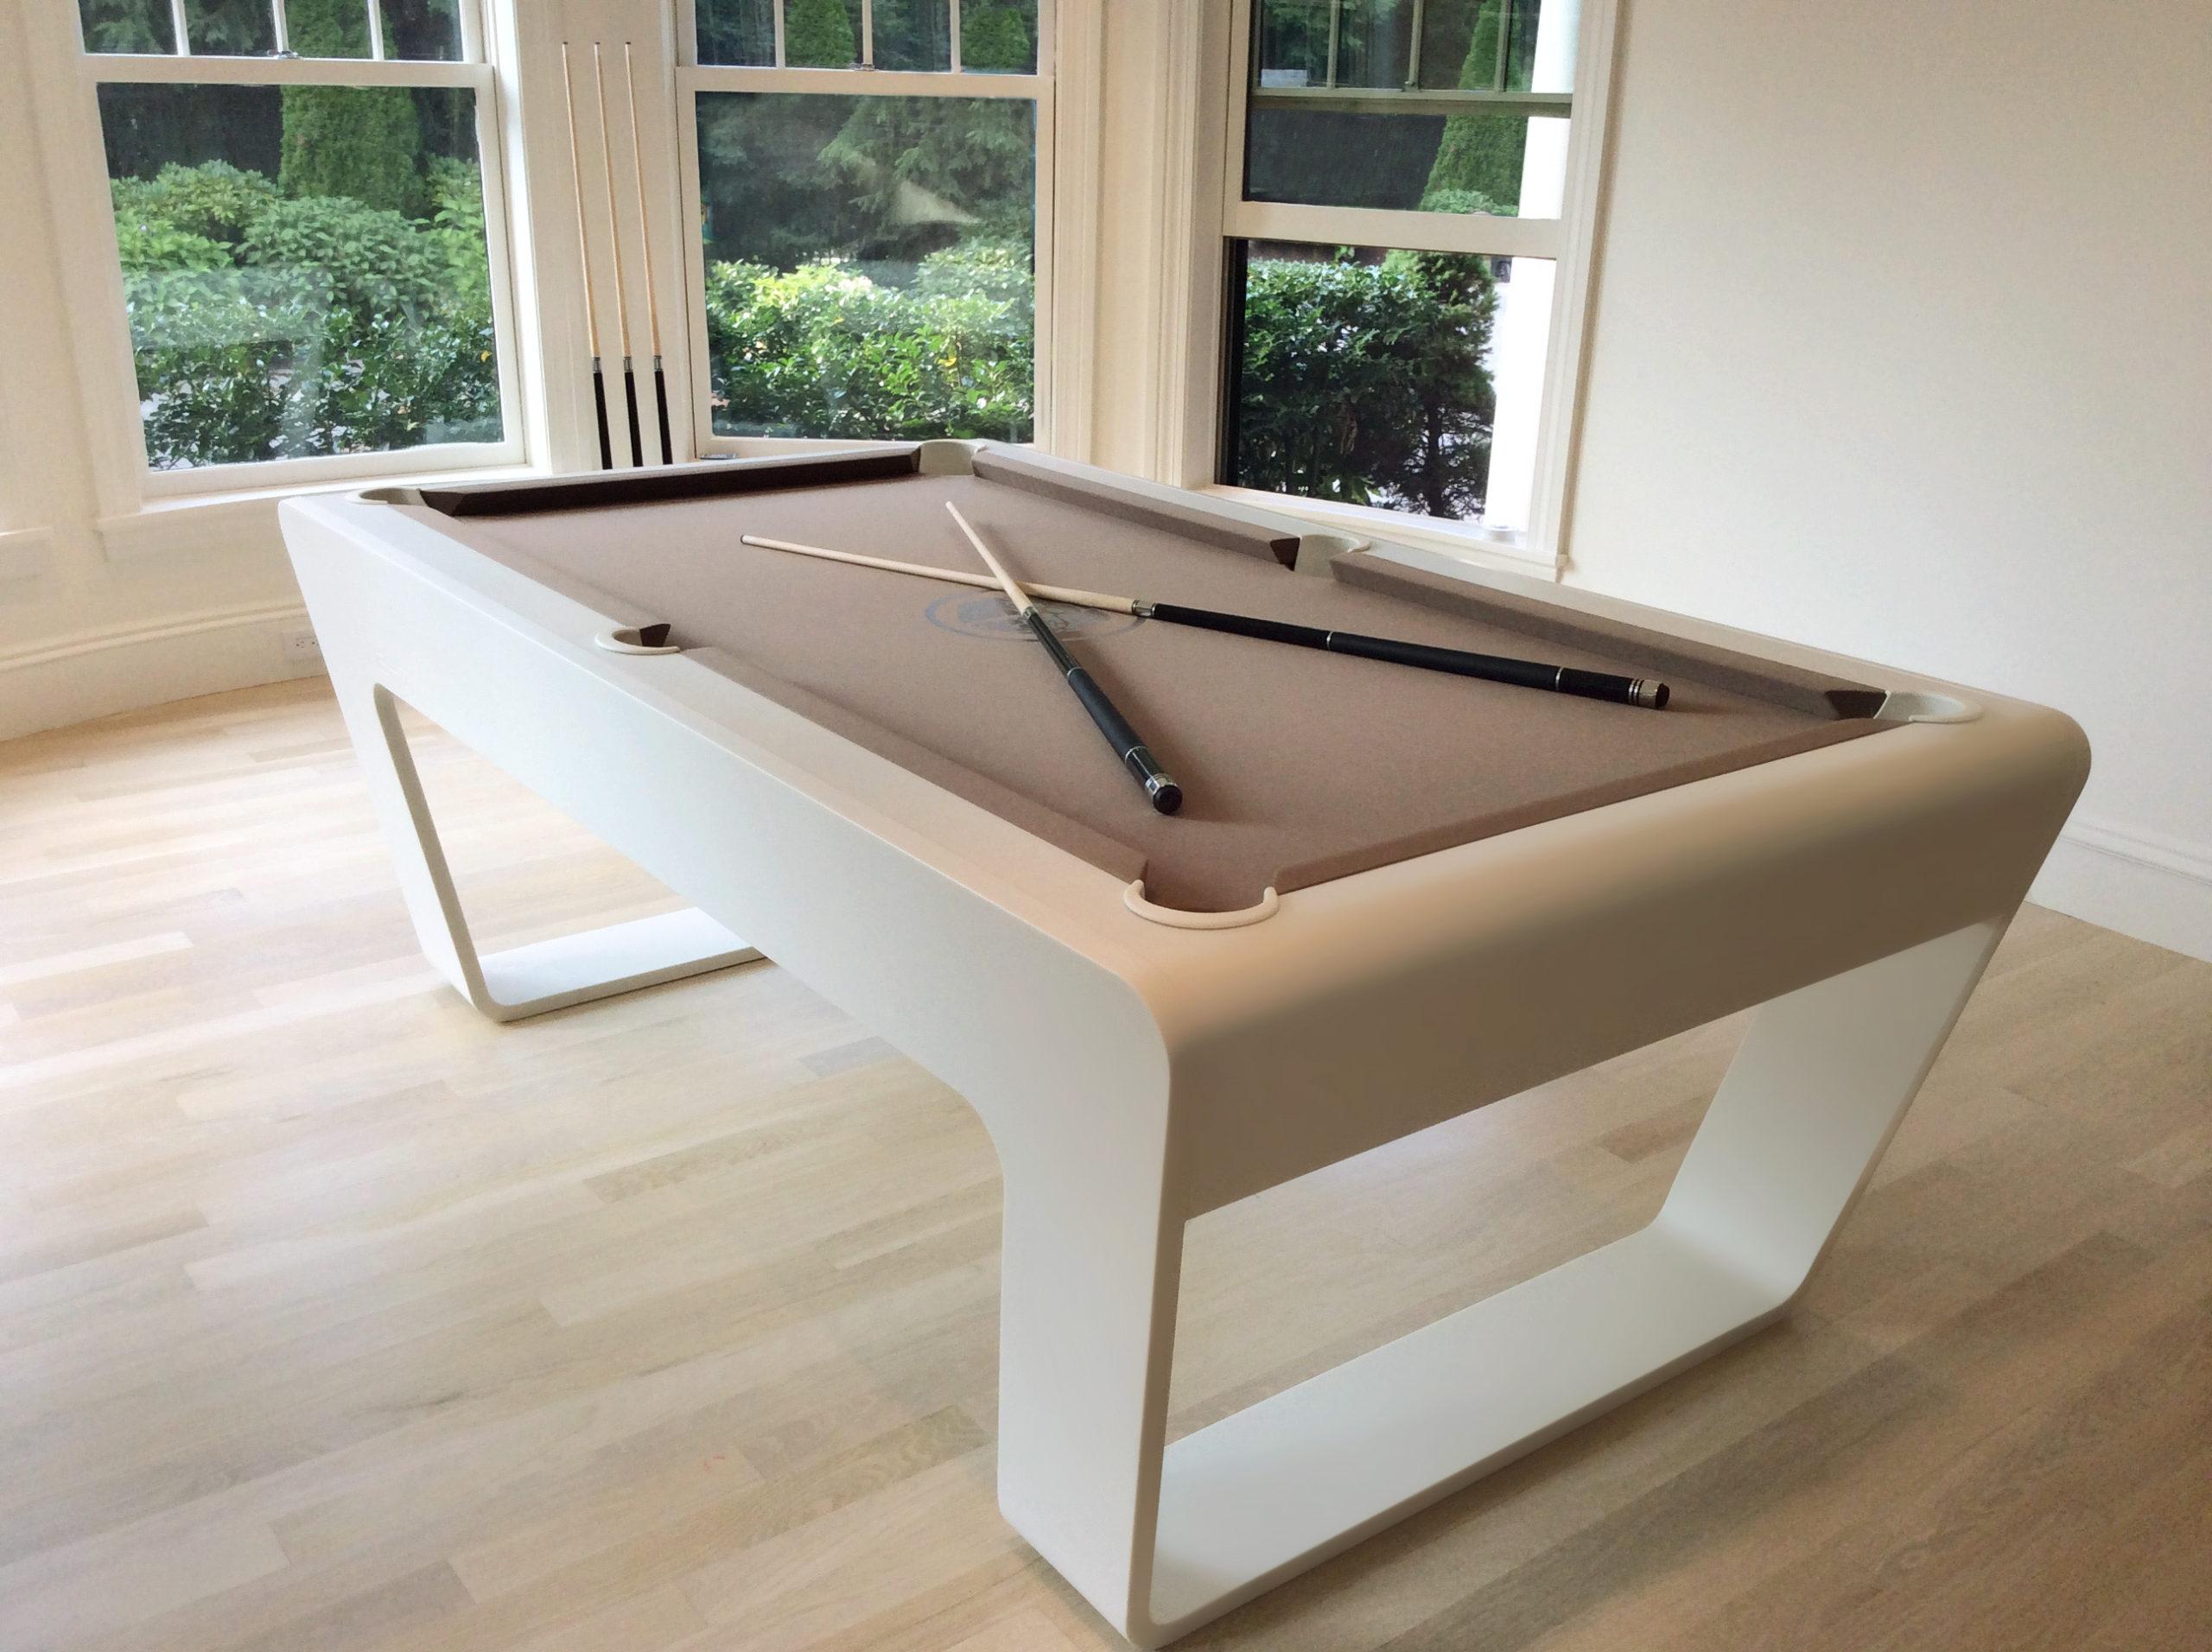 Contemporary billiards table in Cameo White